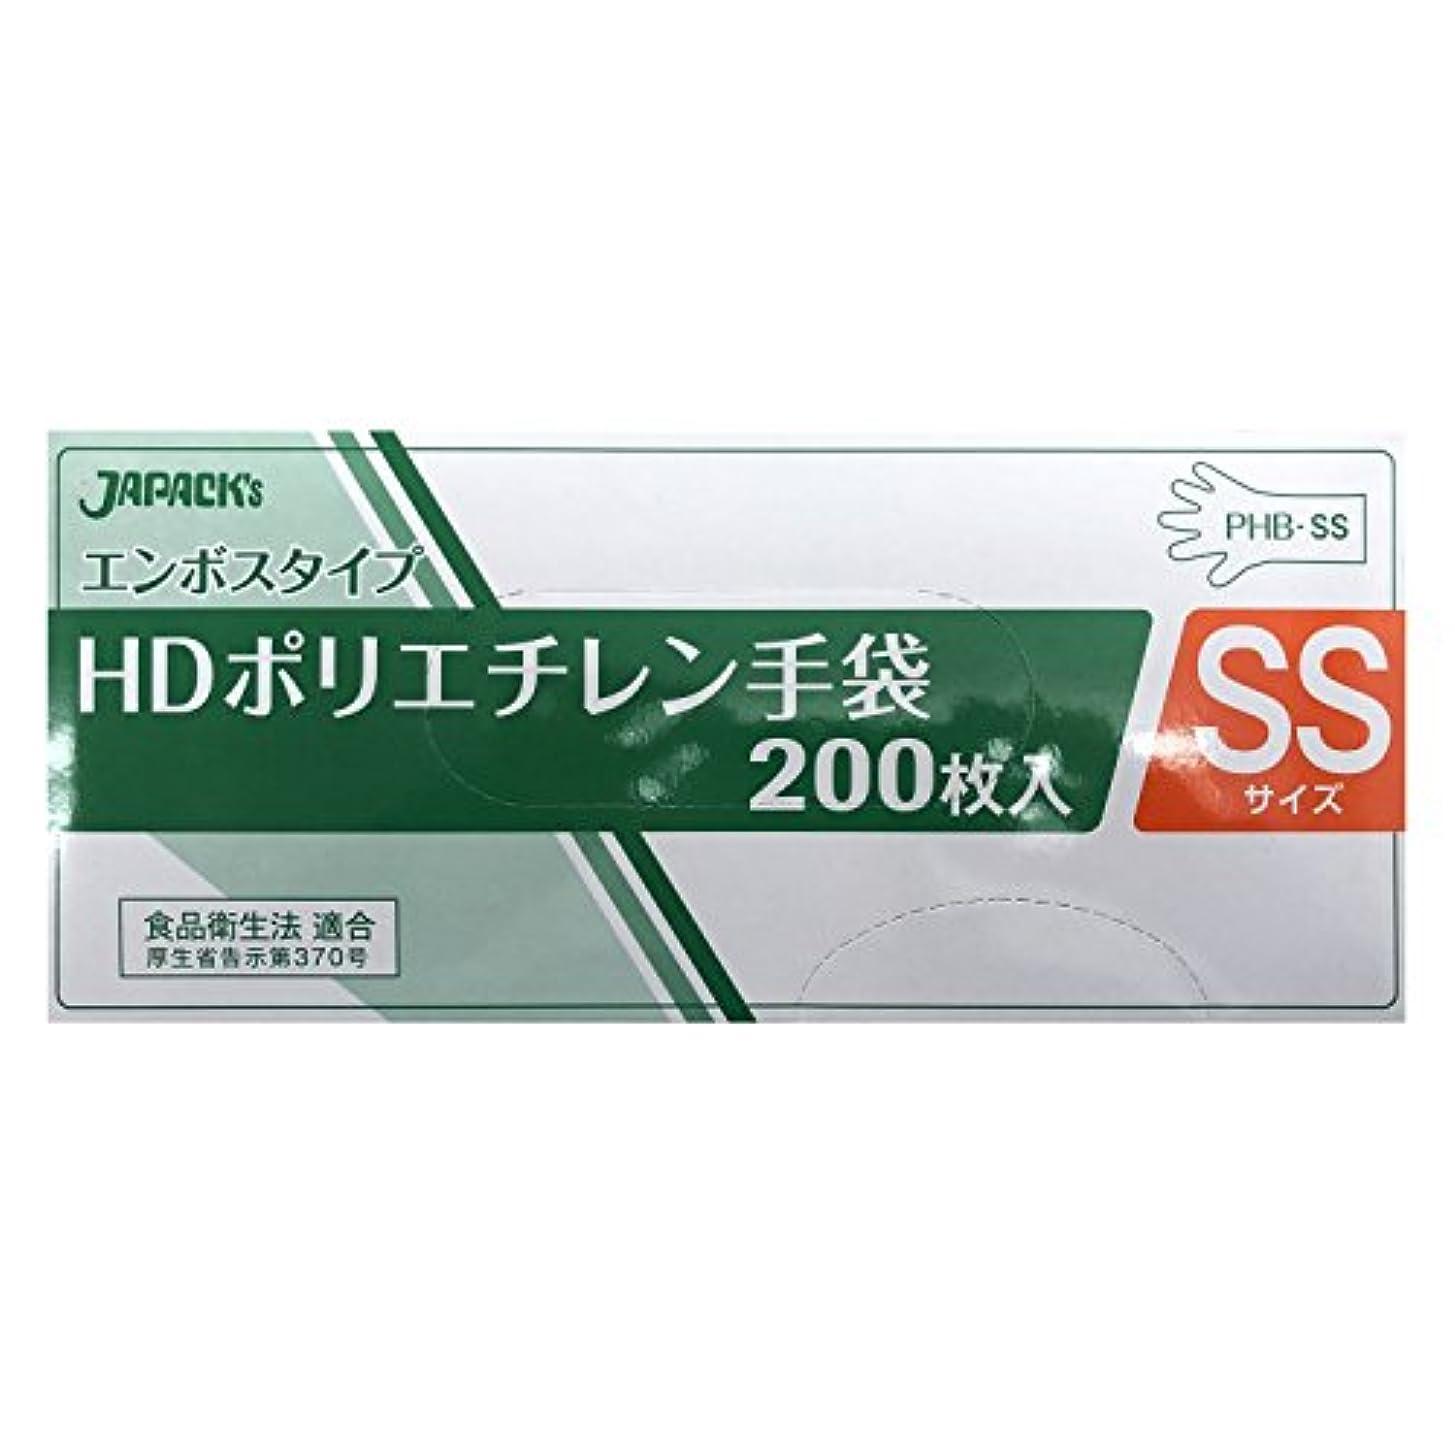 外国人参照する目指すエンボスタイプ HDポリエチレン手袋 SSサイズ BOX 200枚入 無着色 PHB-SS